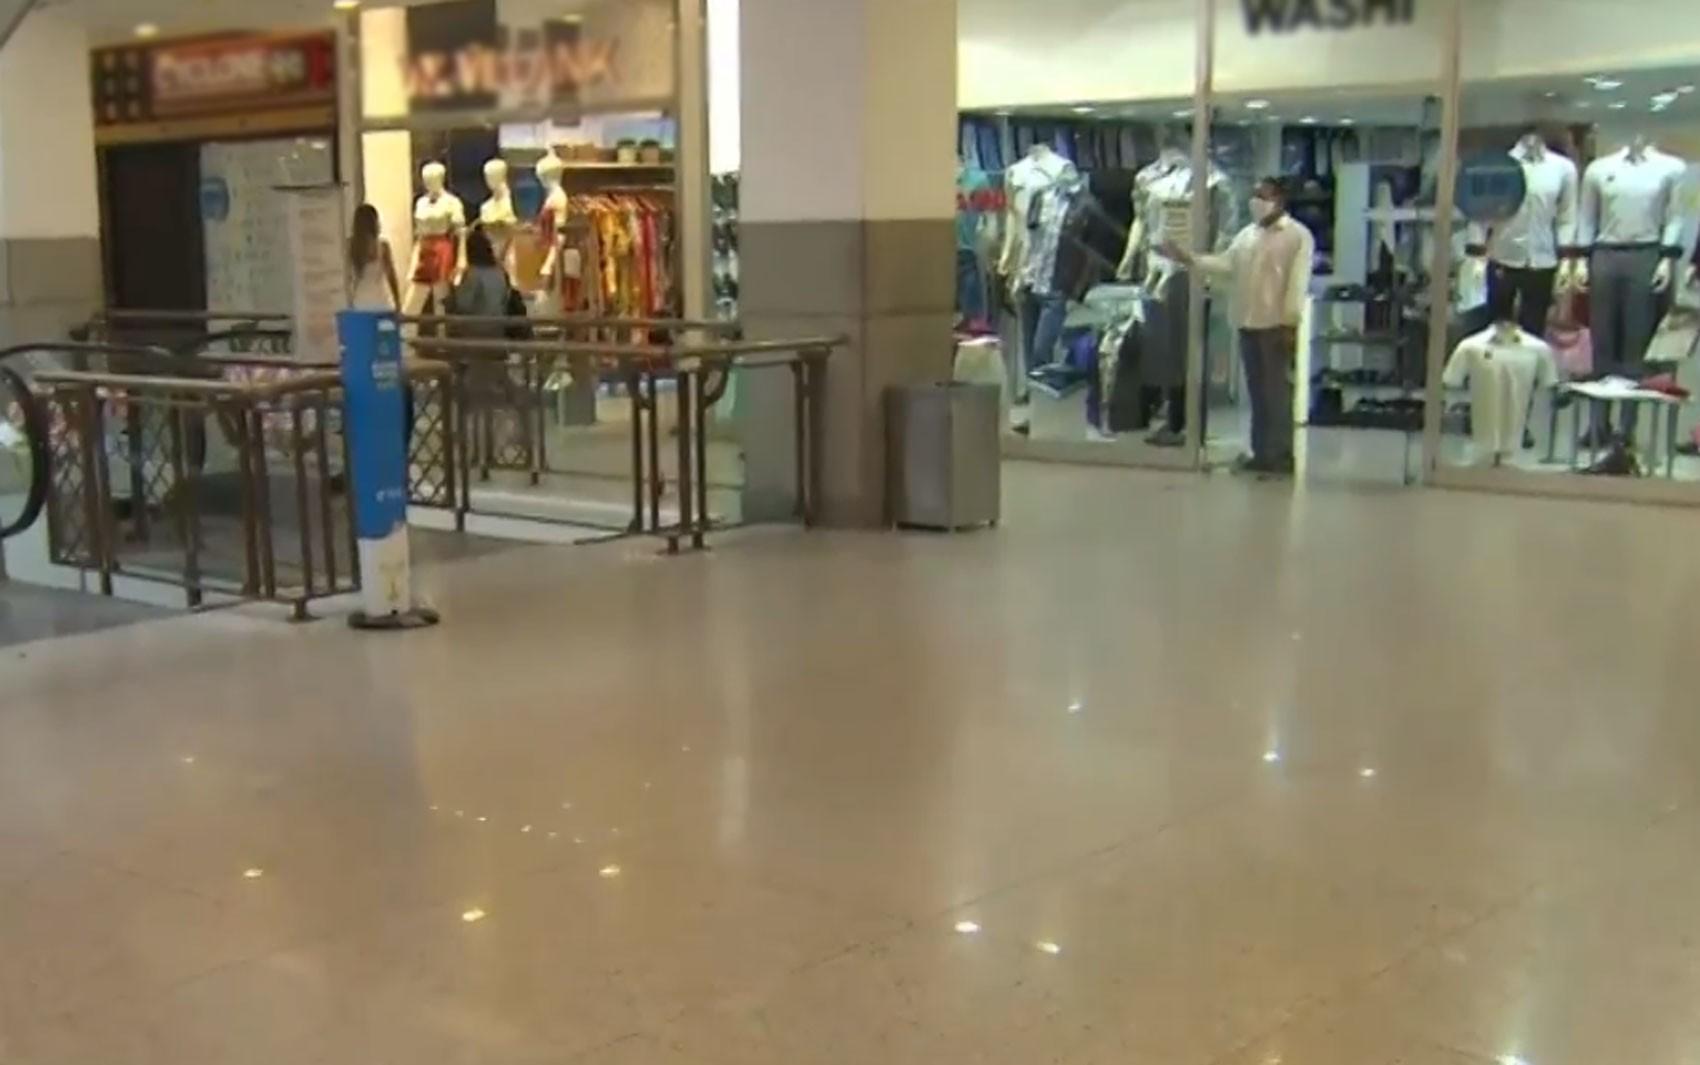 Movimento nos shoppings de Salvador é tranquilo na véspera do Dia dos Pais; horário de funcionamento foi ampliado